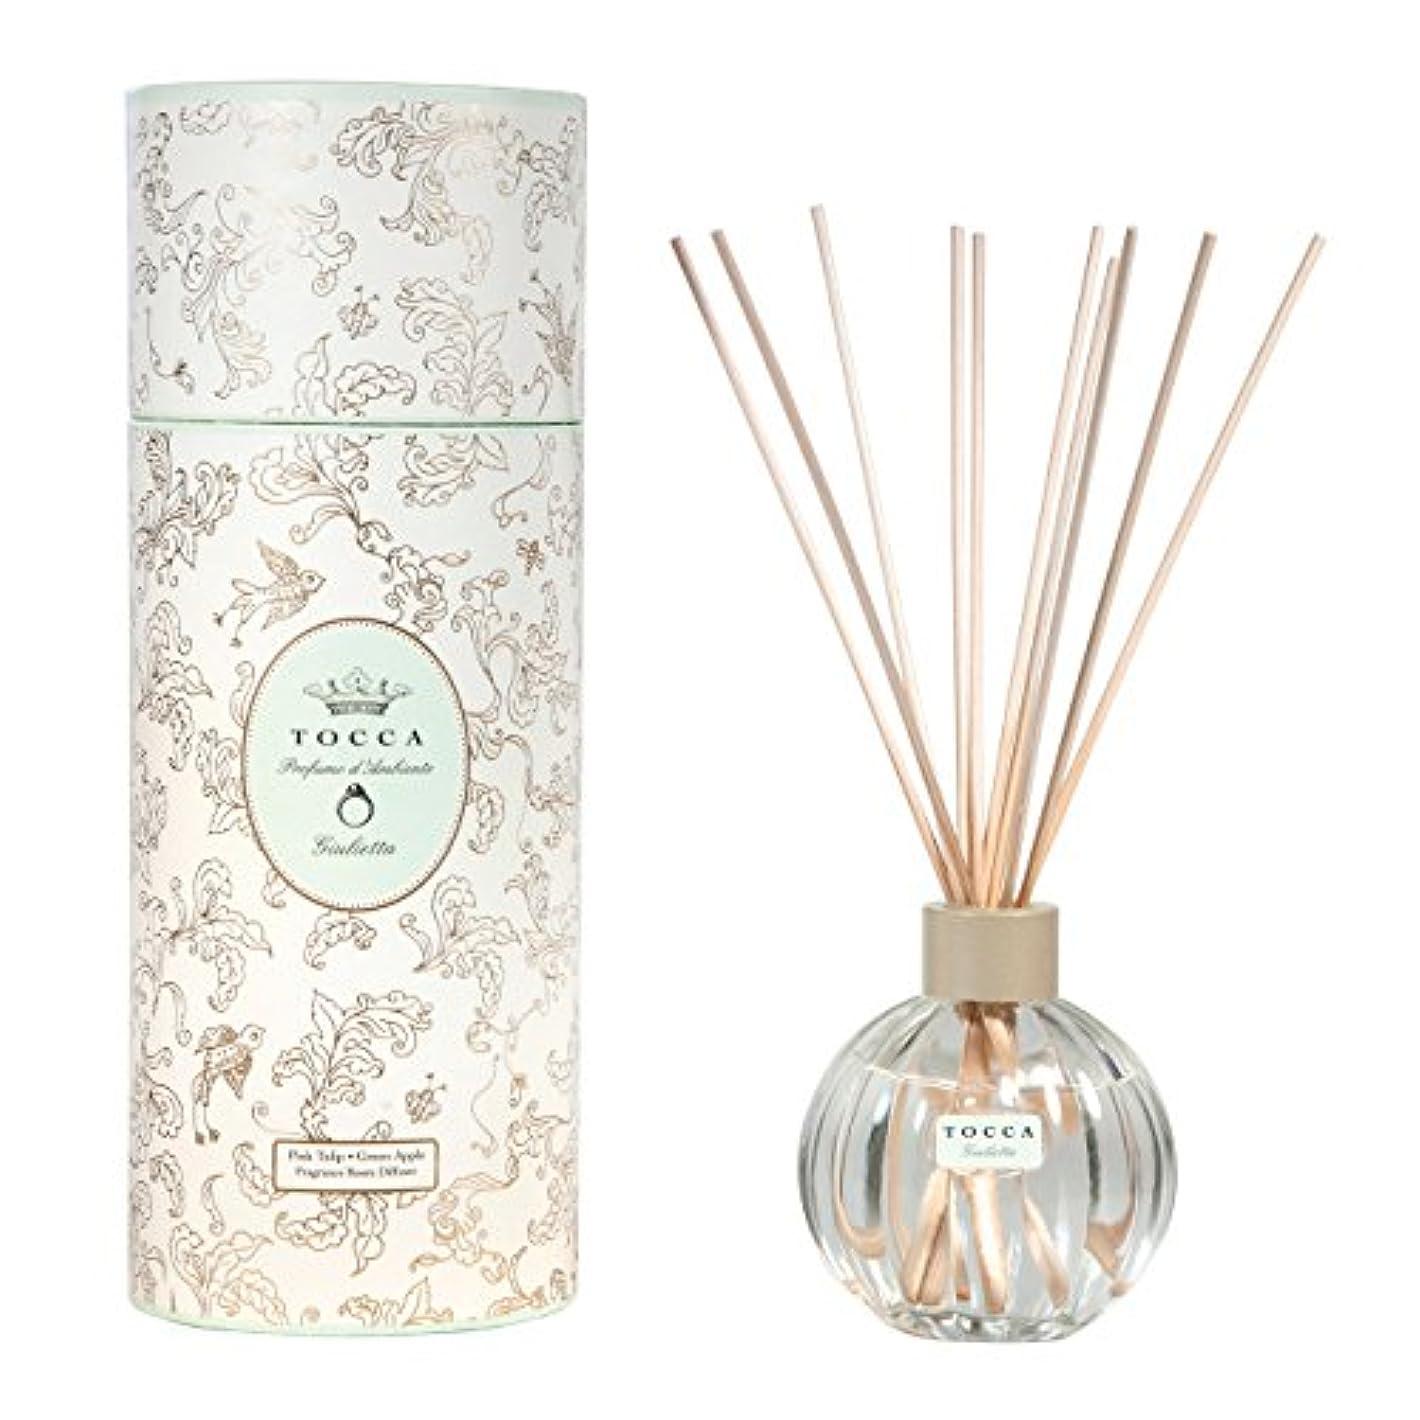 トッカ(TOCCA) リードディフューザー ジュリエッタの香り 175ml 3~4ヶ月持続(芳香剤 ルームフレグランス ピンクチューリップとグリーンアップルの爽やかで甘い香り)